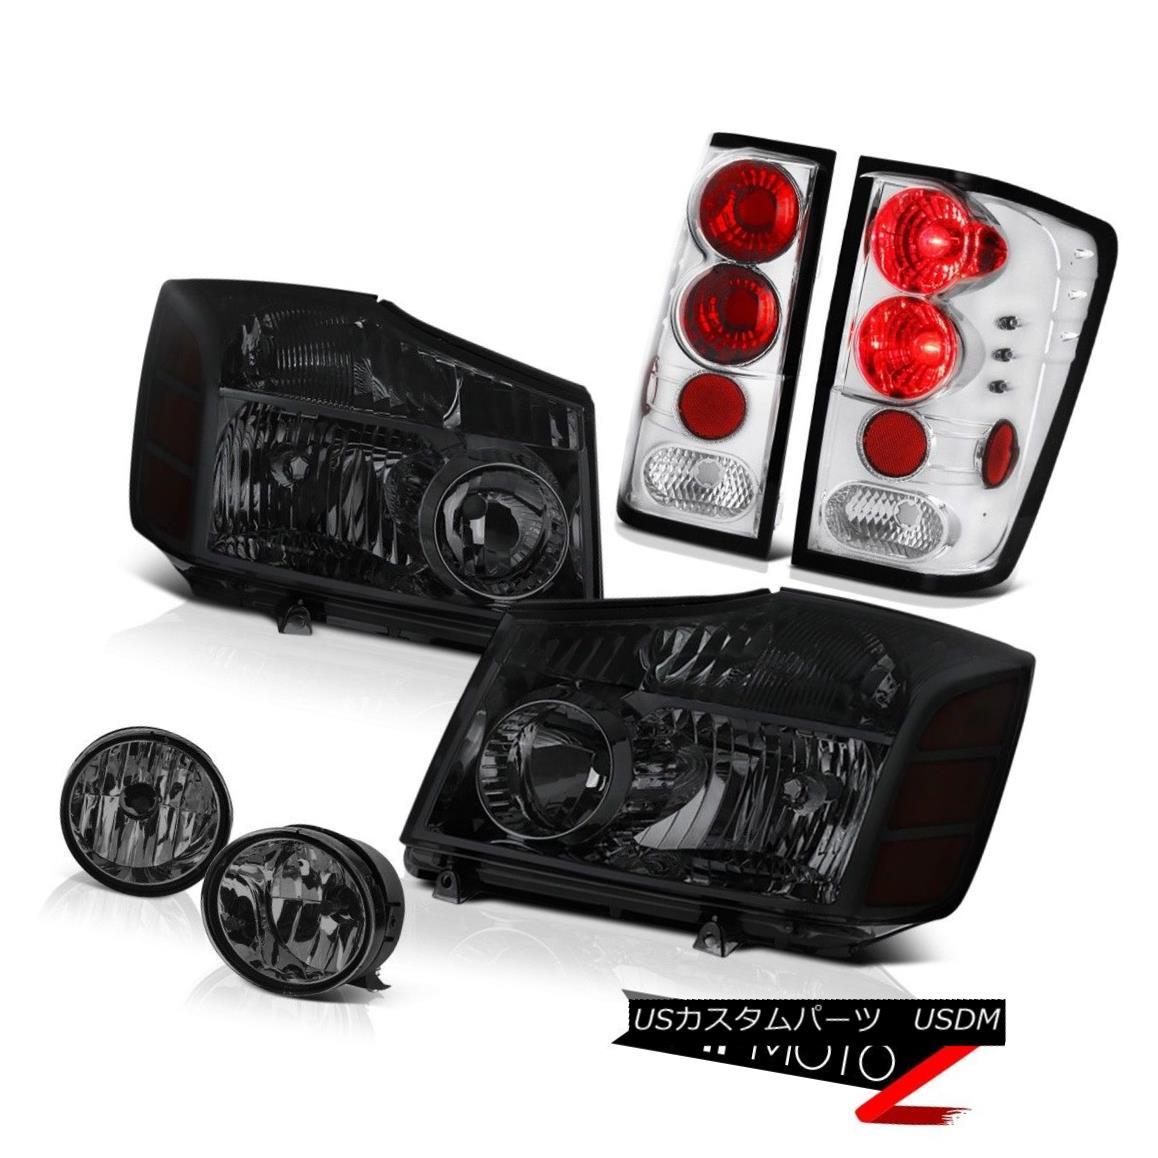 ヘッドライト For 2004-2015 Titan S PAIR Smoke Headlight Clear Tail Brake Lamp Dark Bumper Fog 2004年?2015年Titan S PAIRスモークヘッドライトクリアテールブレーキランプダークバンパーフォグ